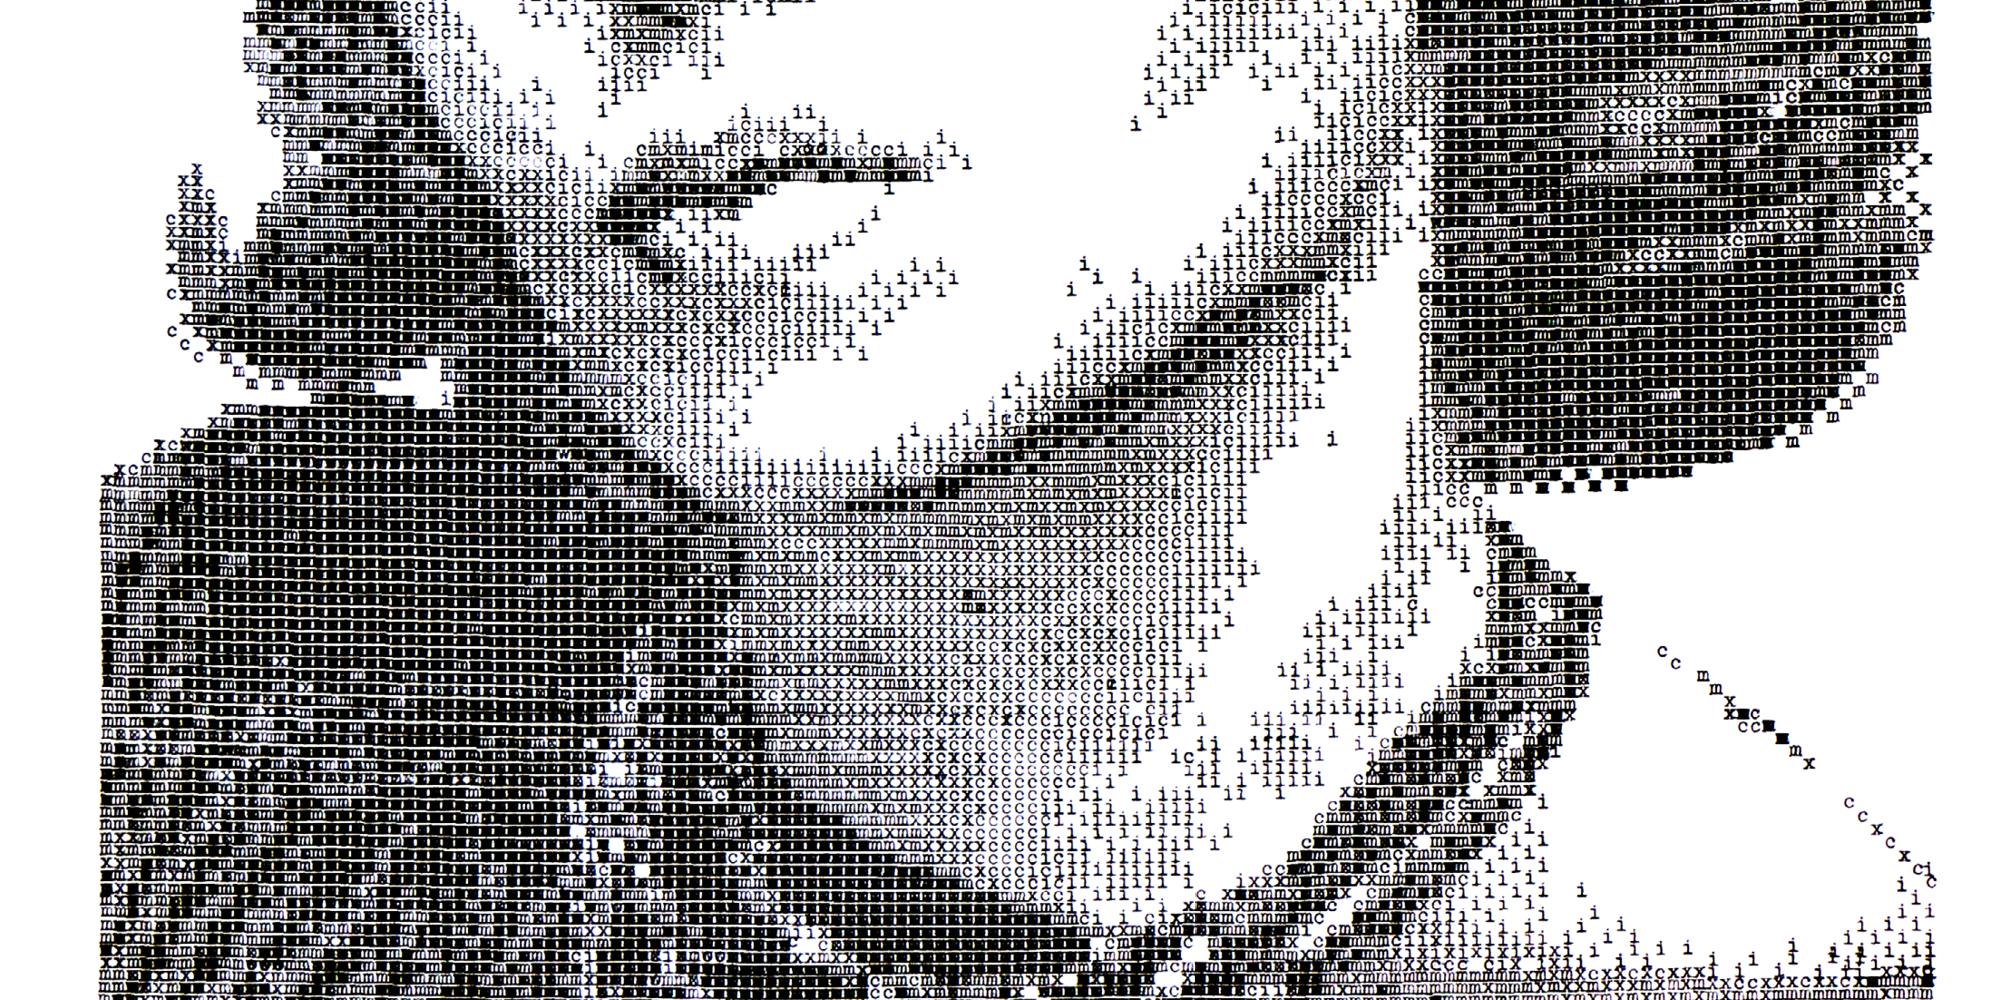 Typewritten10.png